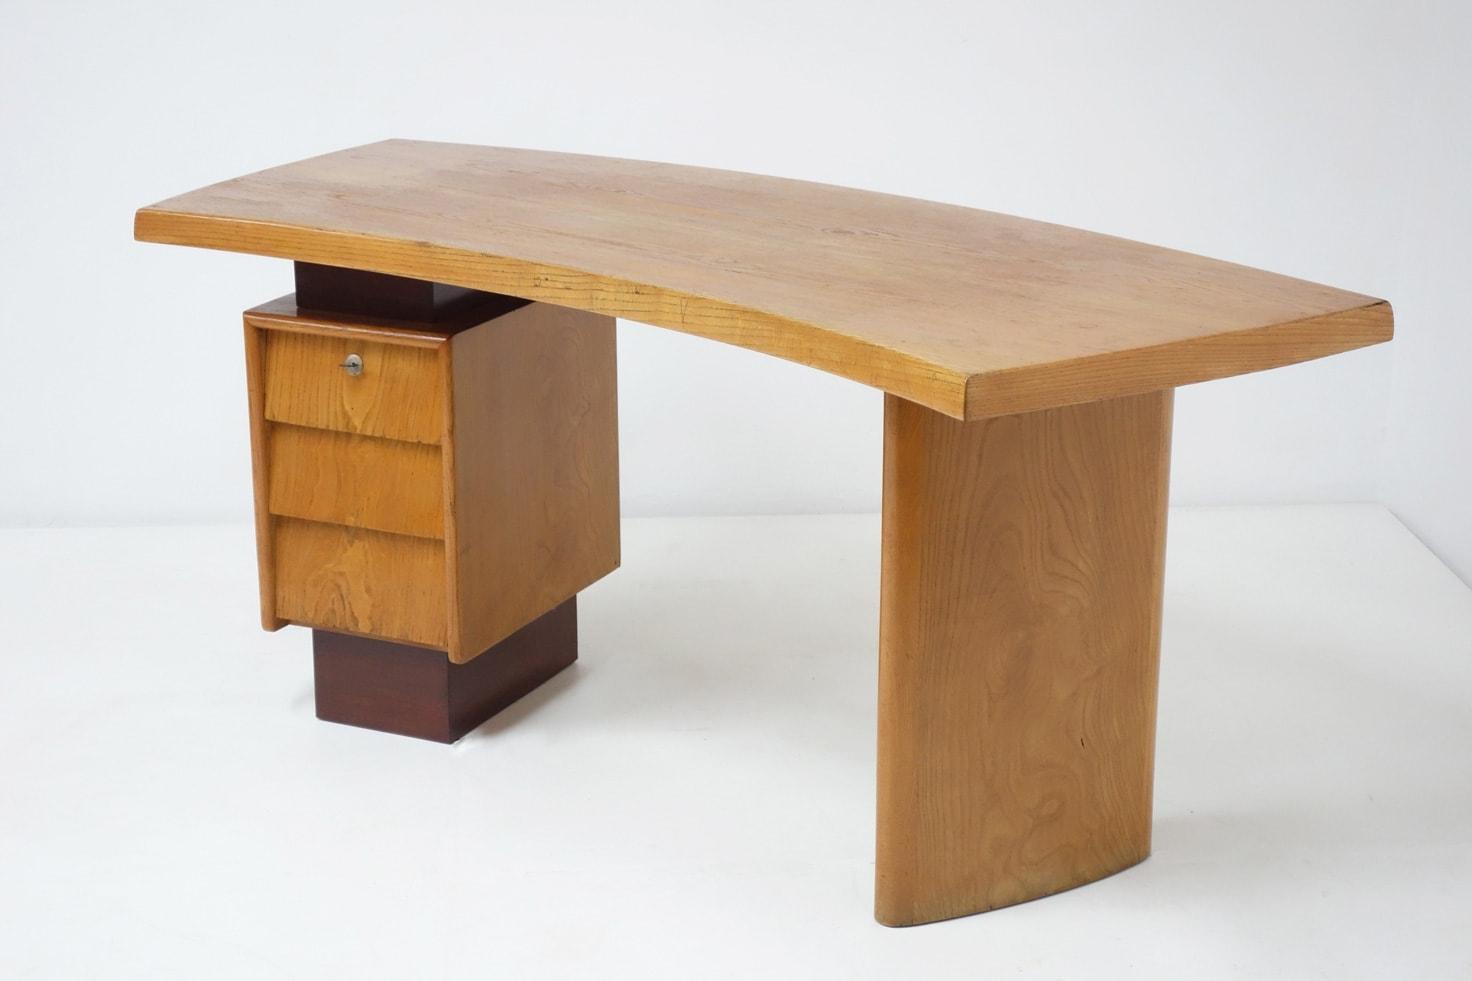 Charlotte Perriand & Pierre Jeanneret, Bureau modèle N°9, vue 01